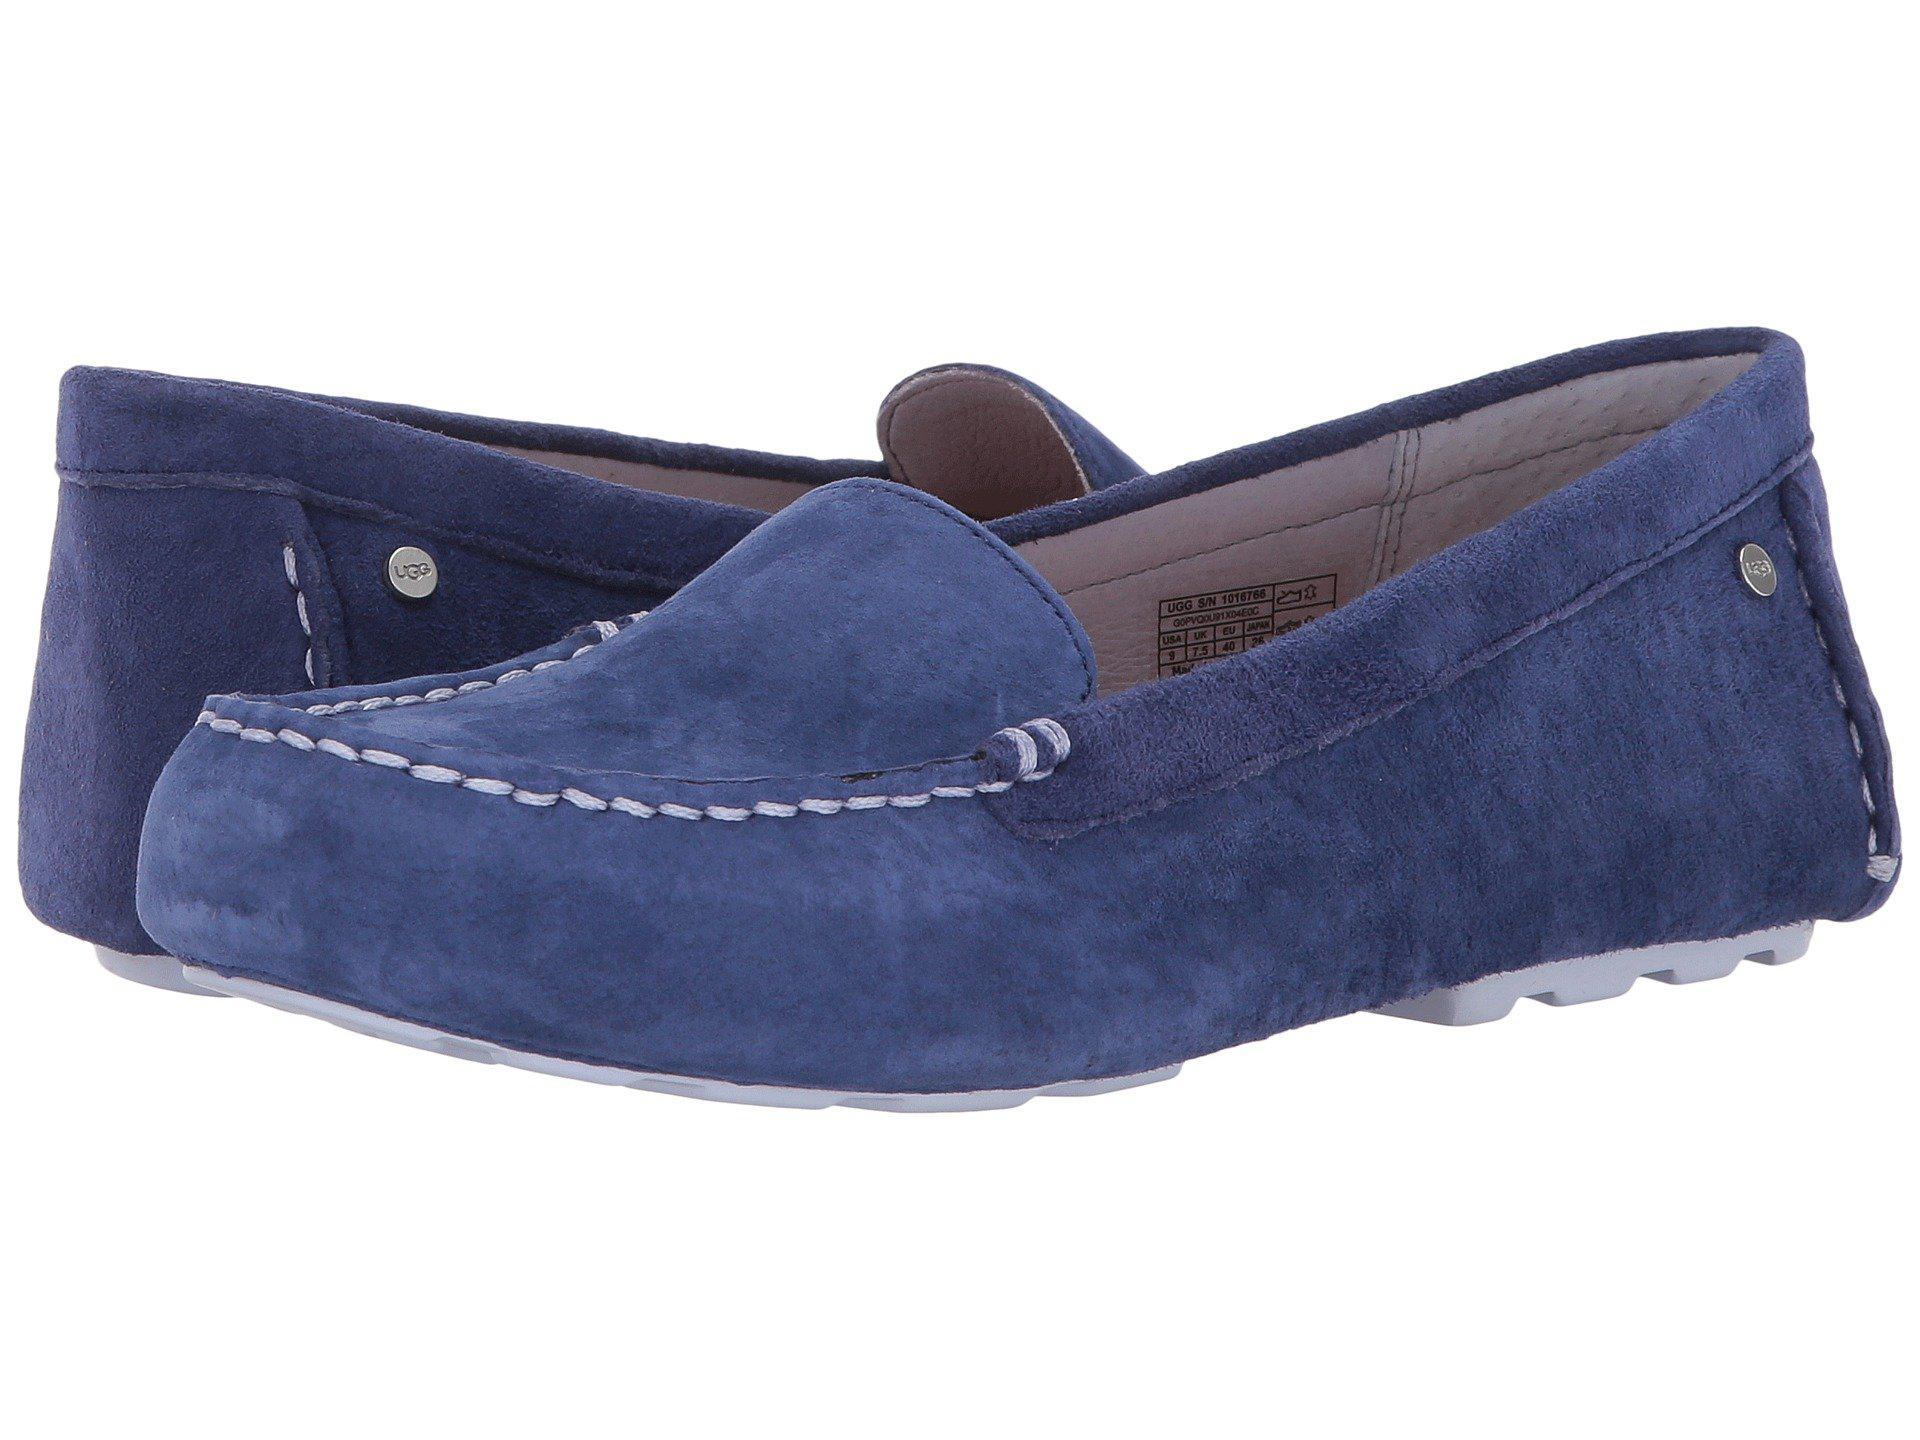 4fca4b1048f1 Lyst - UGG Milana in Blue